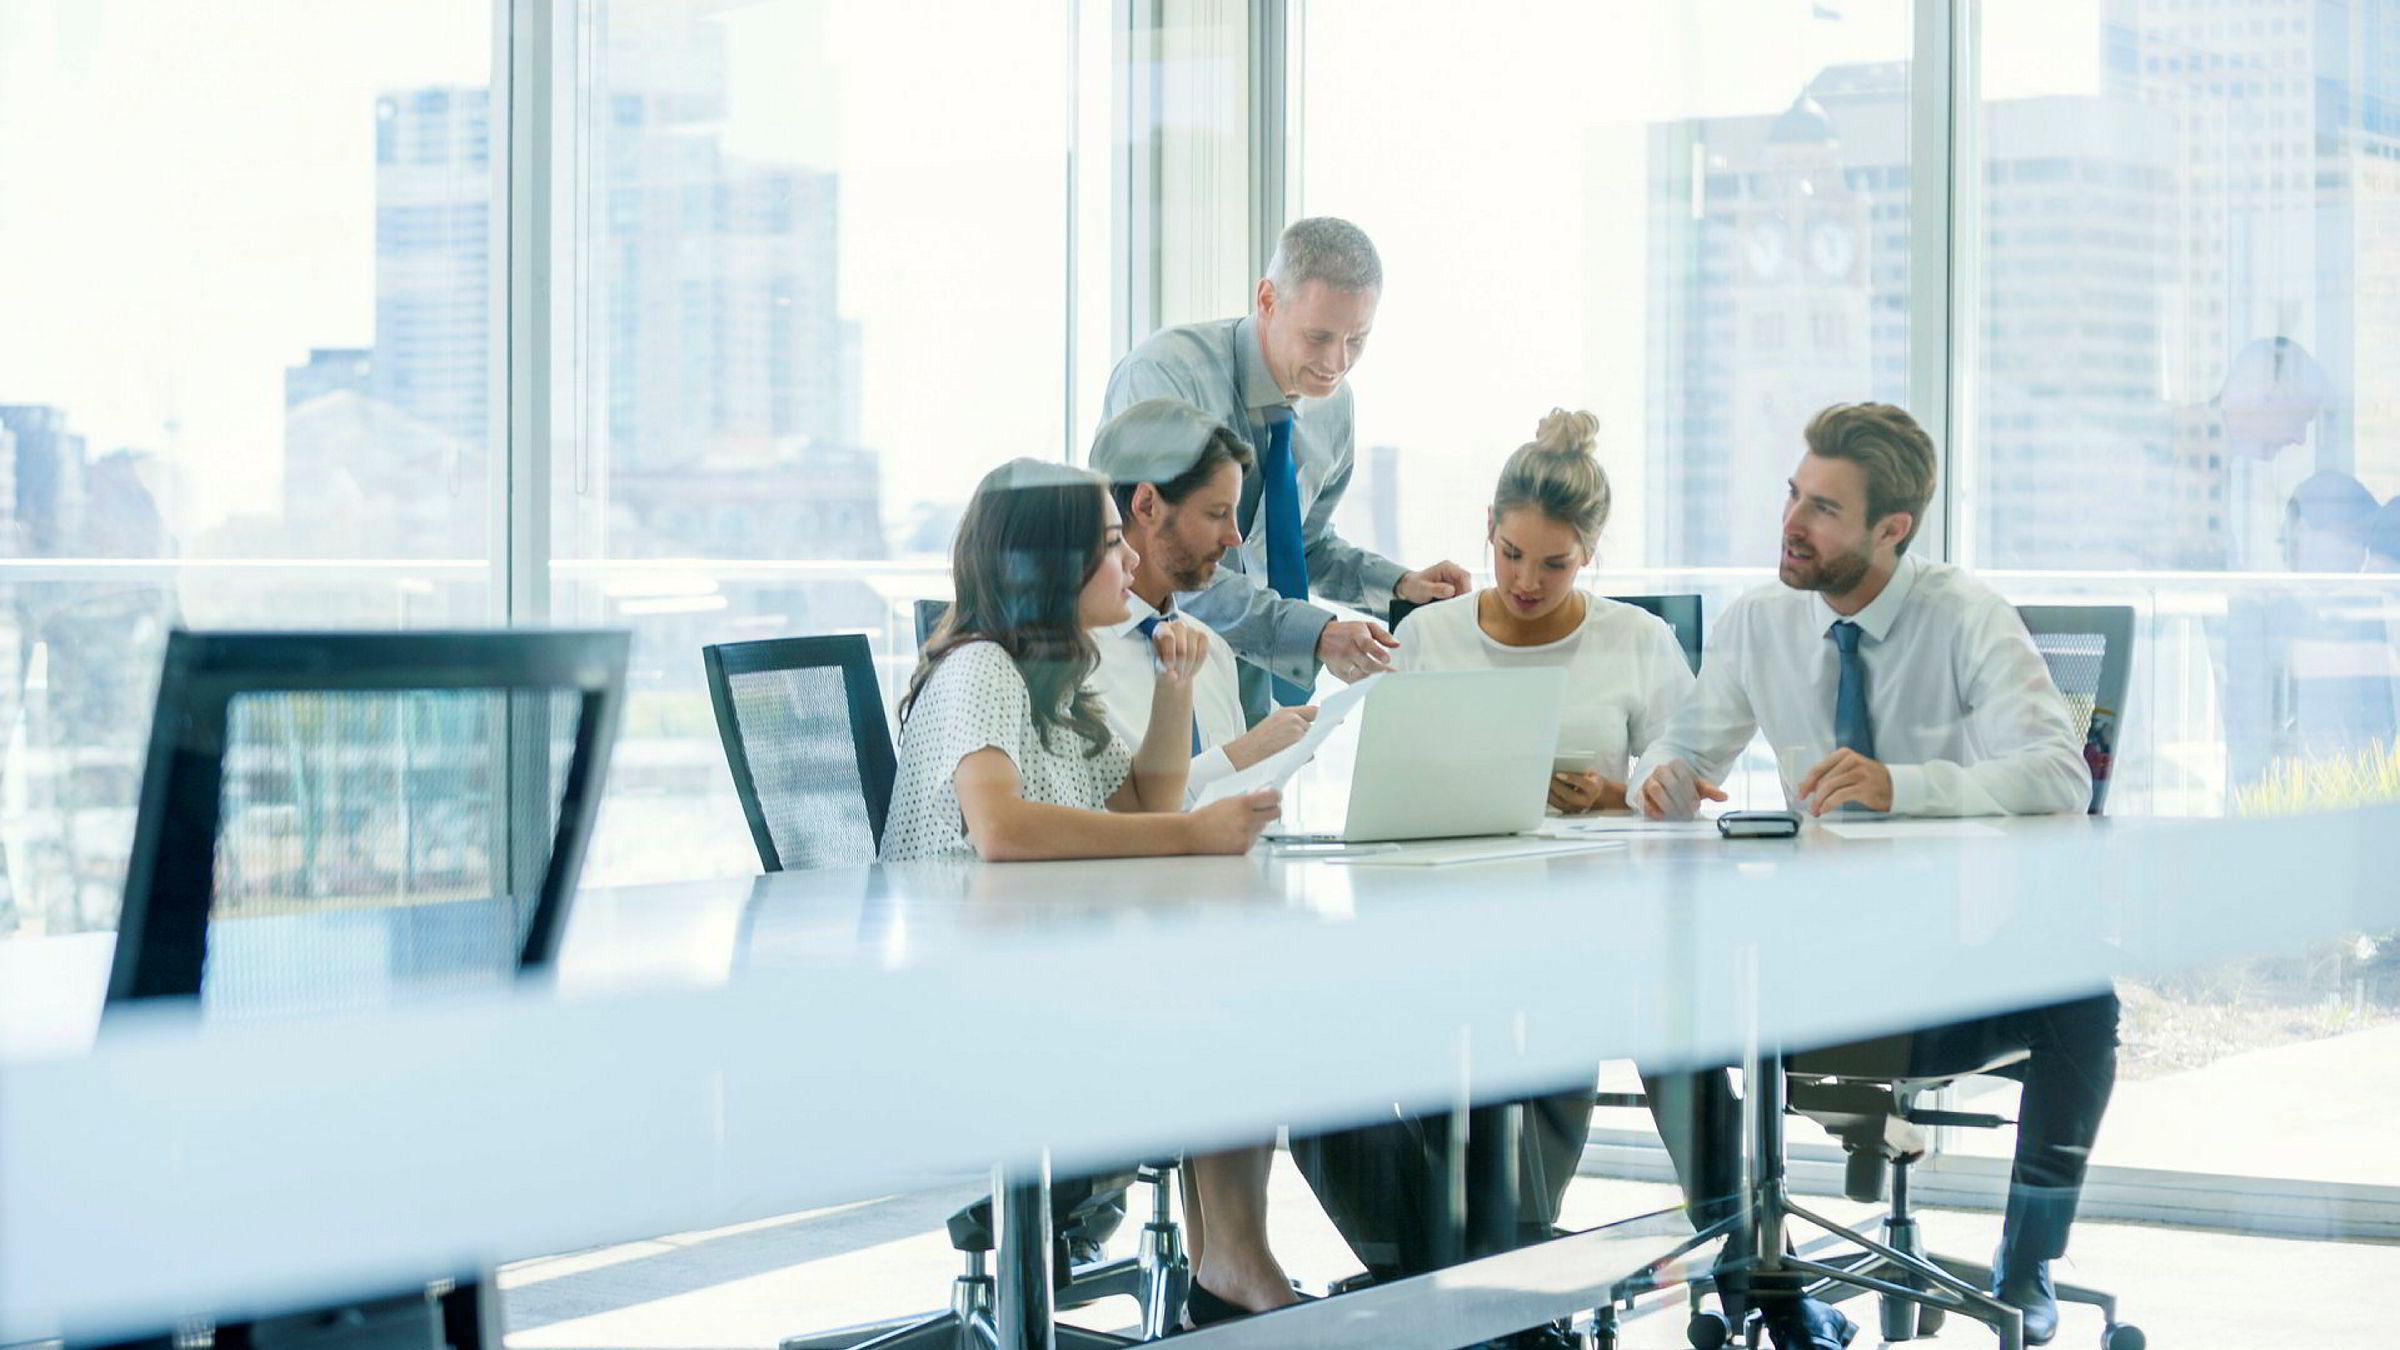 Mellomledere har den utakknemlige rollen å være i skvis mellom toppledelsen og egne ansatte. De skal så godt de kan balansere mellom det å effektuere toppledelsens mer eller mindre gjennomtenkte bestillinger med det å ivareta ansattes behov, skriver Christine Meyer.